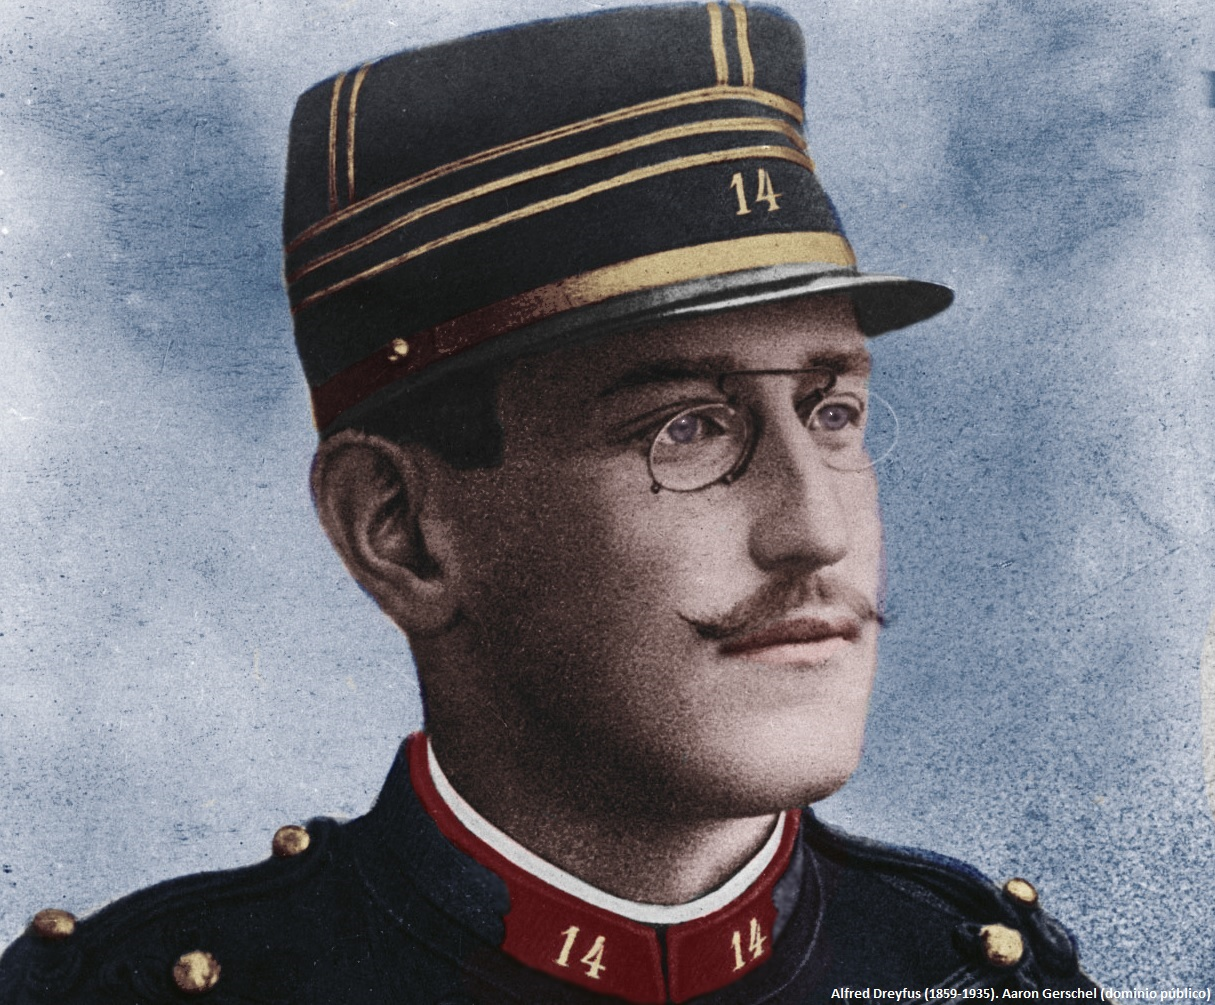 Alfred Dreyfus (1859-1935). Fuente: Aaron Gerschel (dominio público)